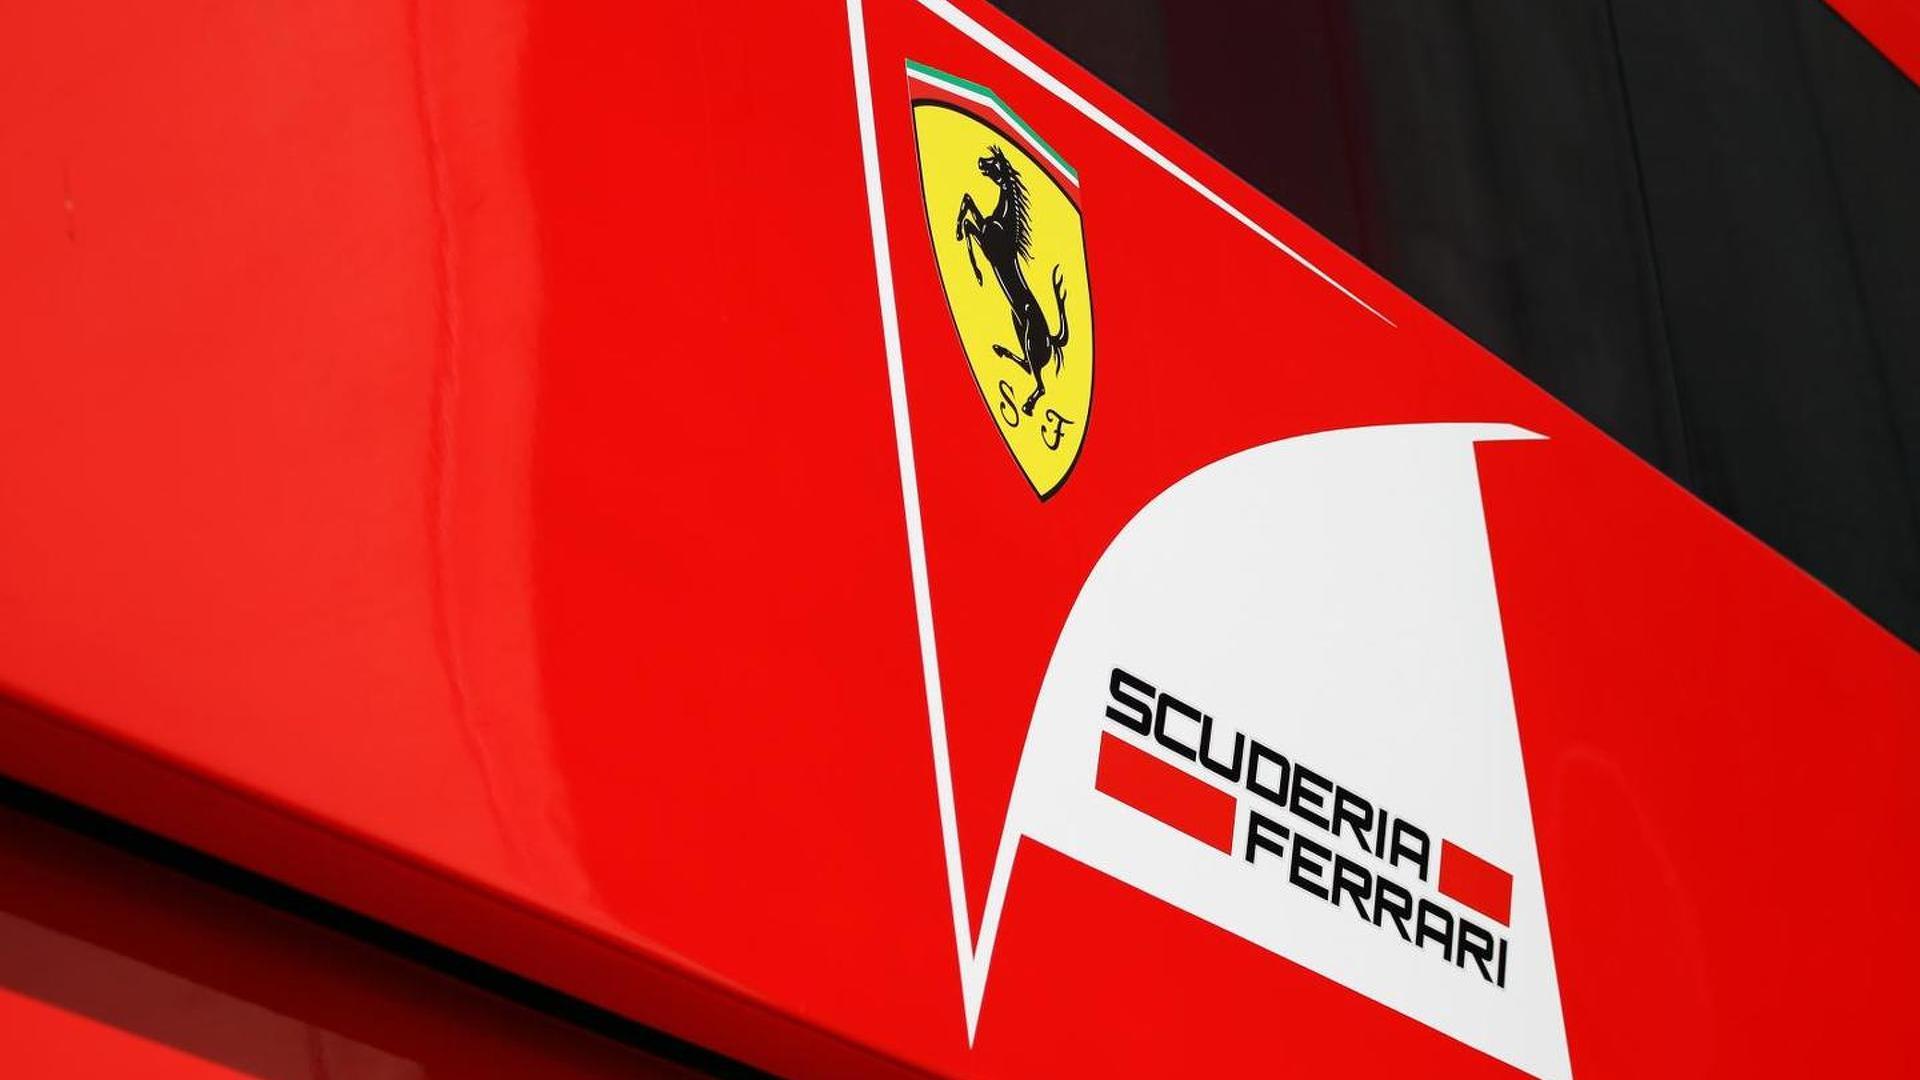 Marmorini 'in danger' at Ferrari - report